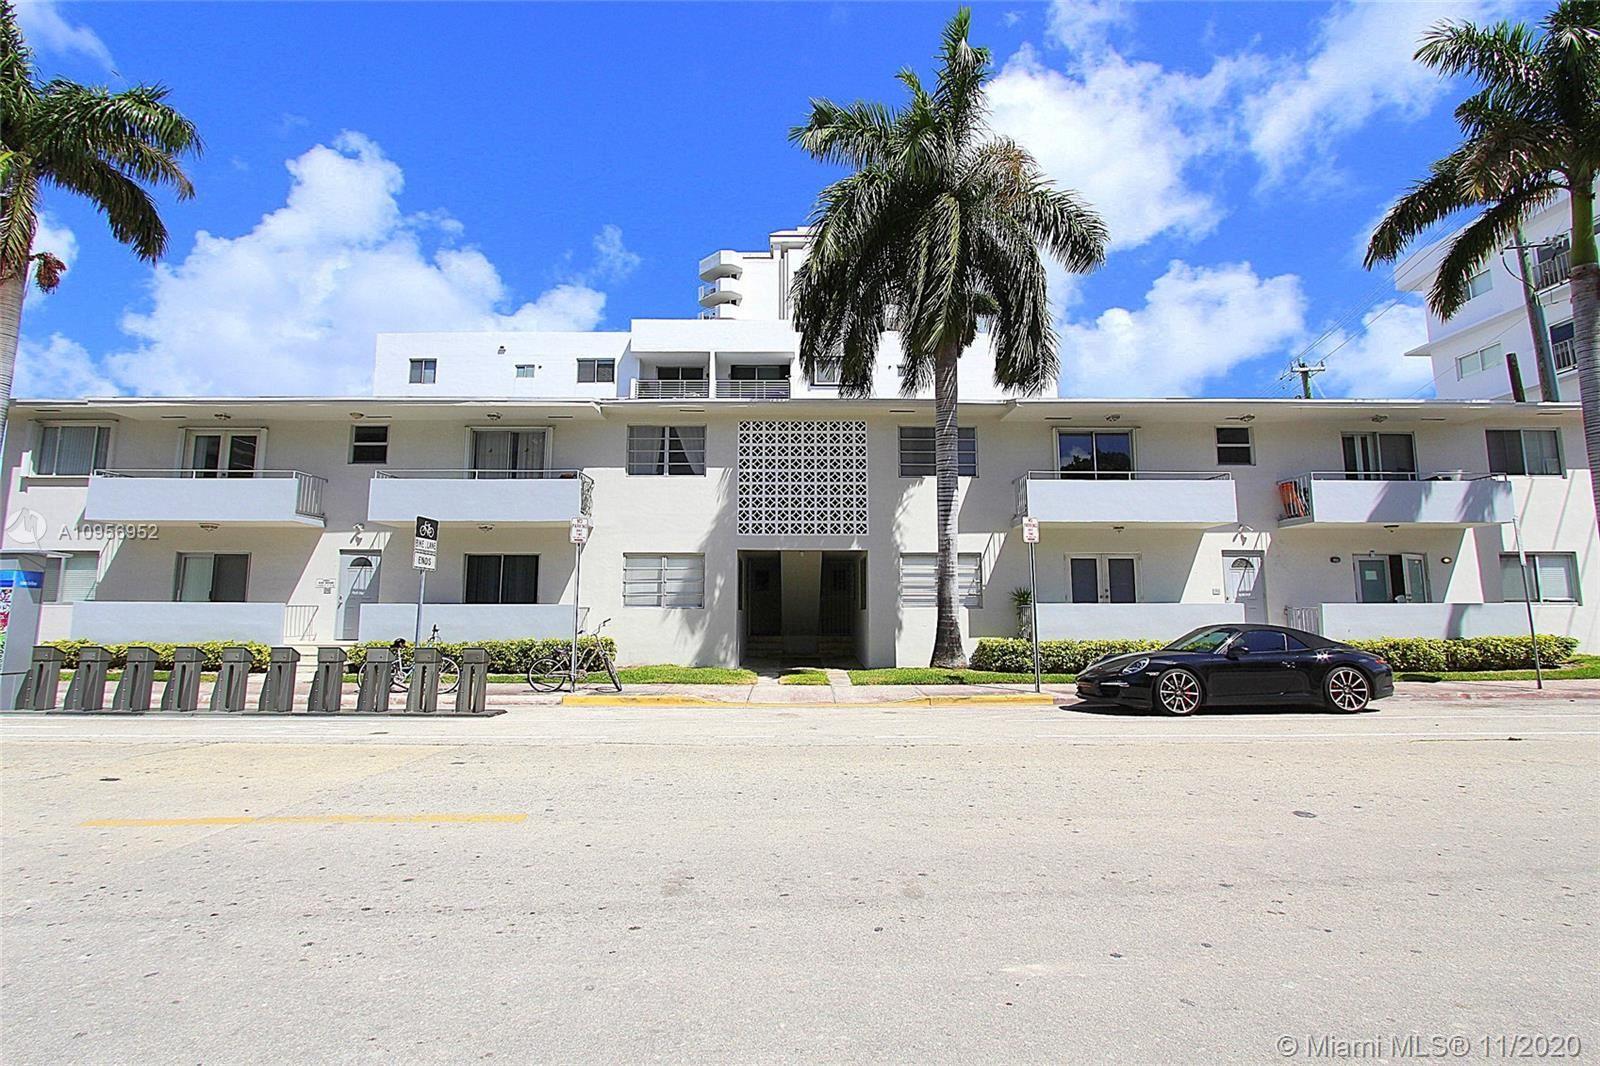 1601 Bay Rd #7, Miami Beach, FL 33139 - #: A10956952